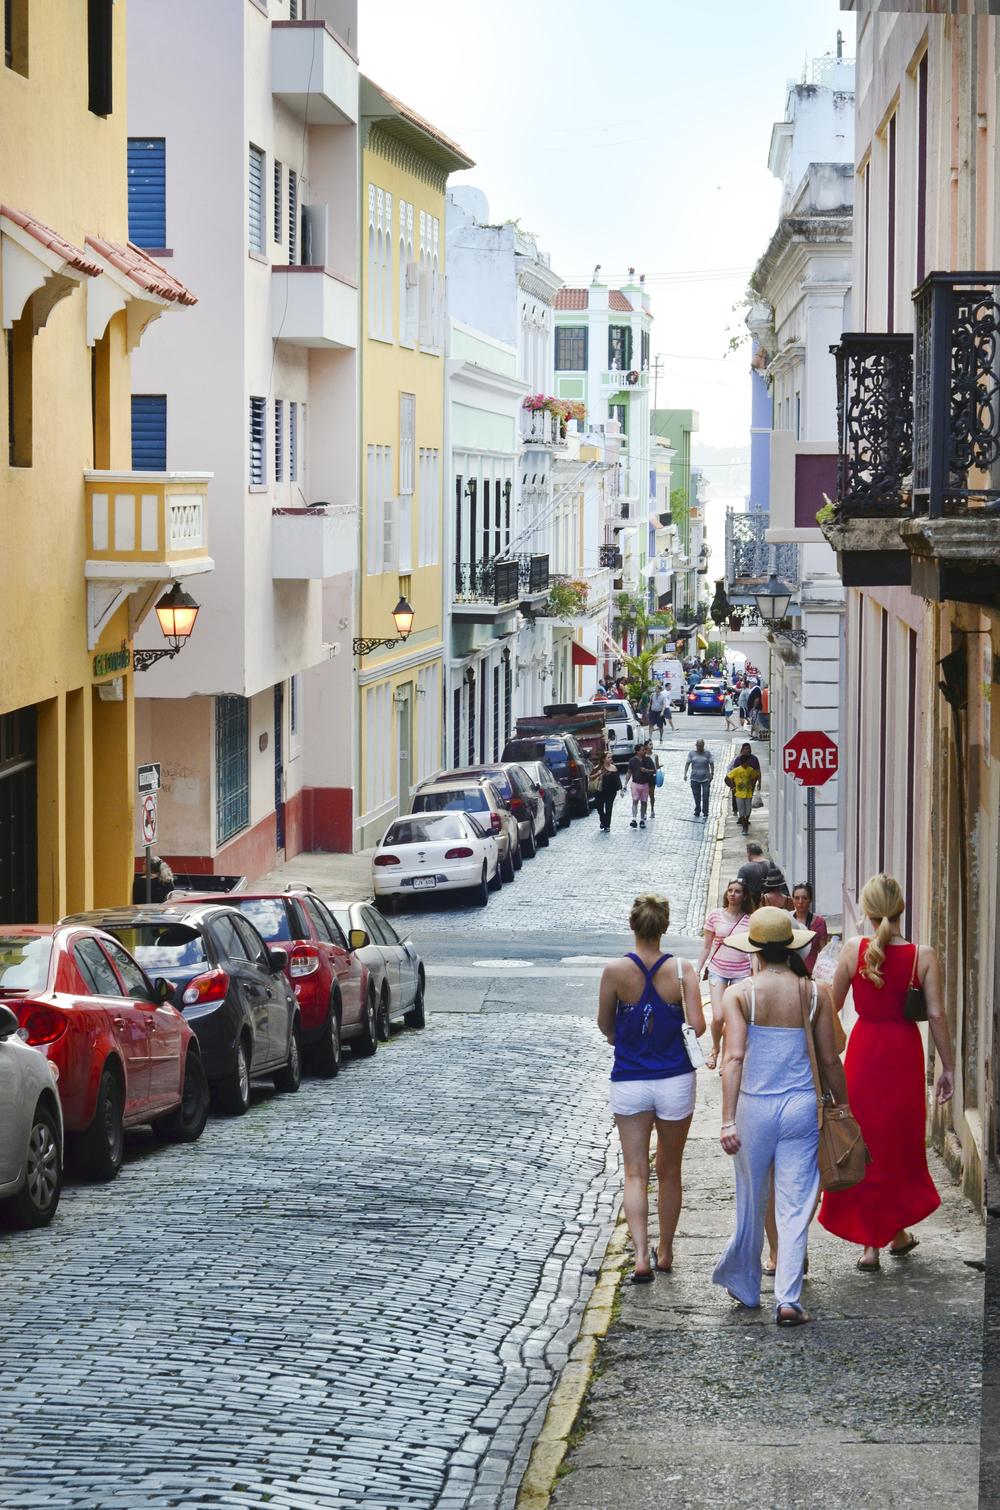 Vacation in Puerto Rico